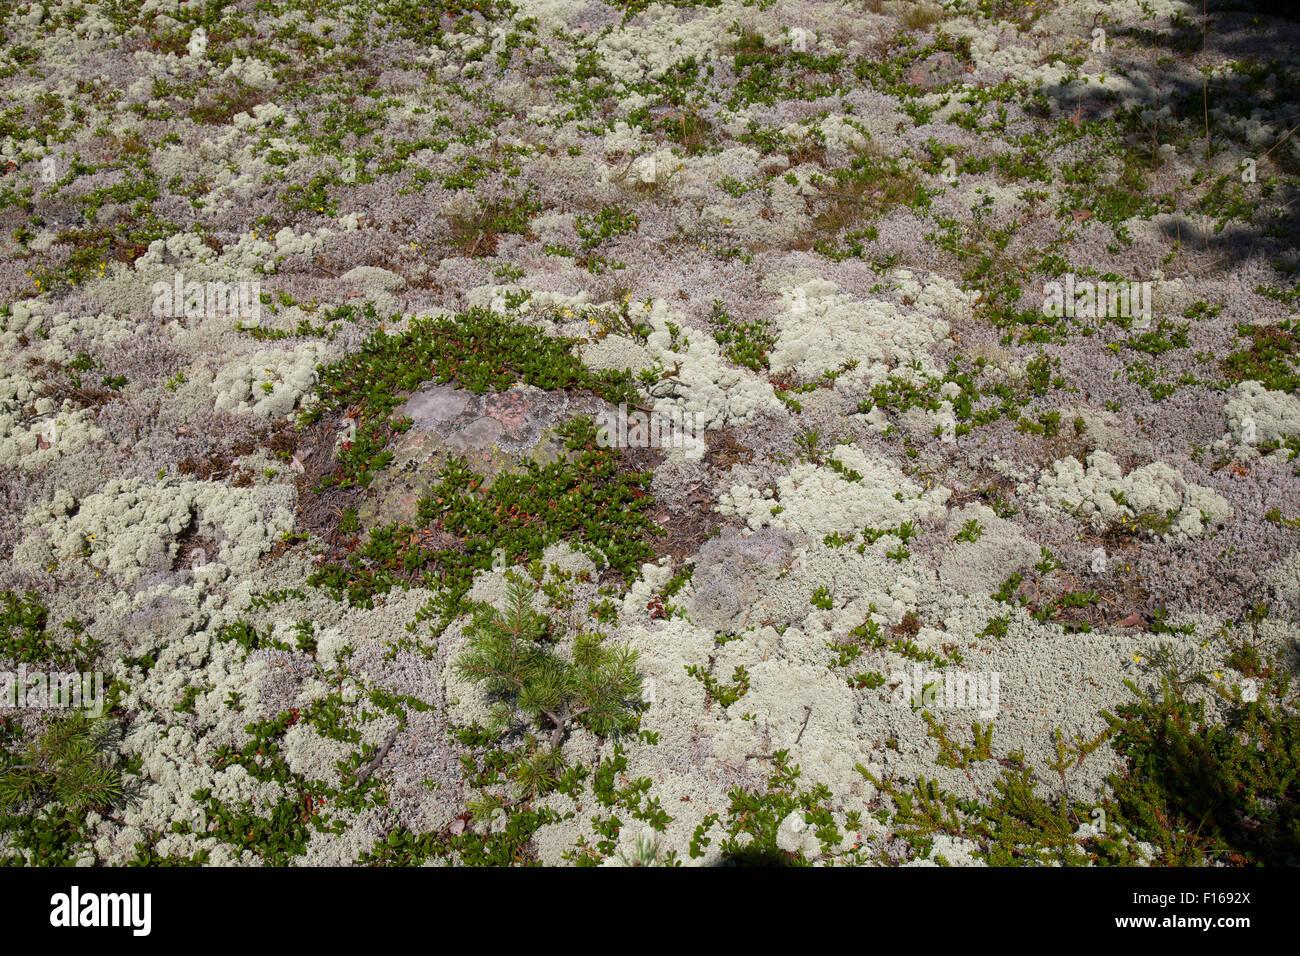 Reindeer Moss (Cladonia rangiferina), in Finland. - Stock Image